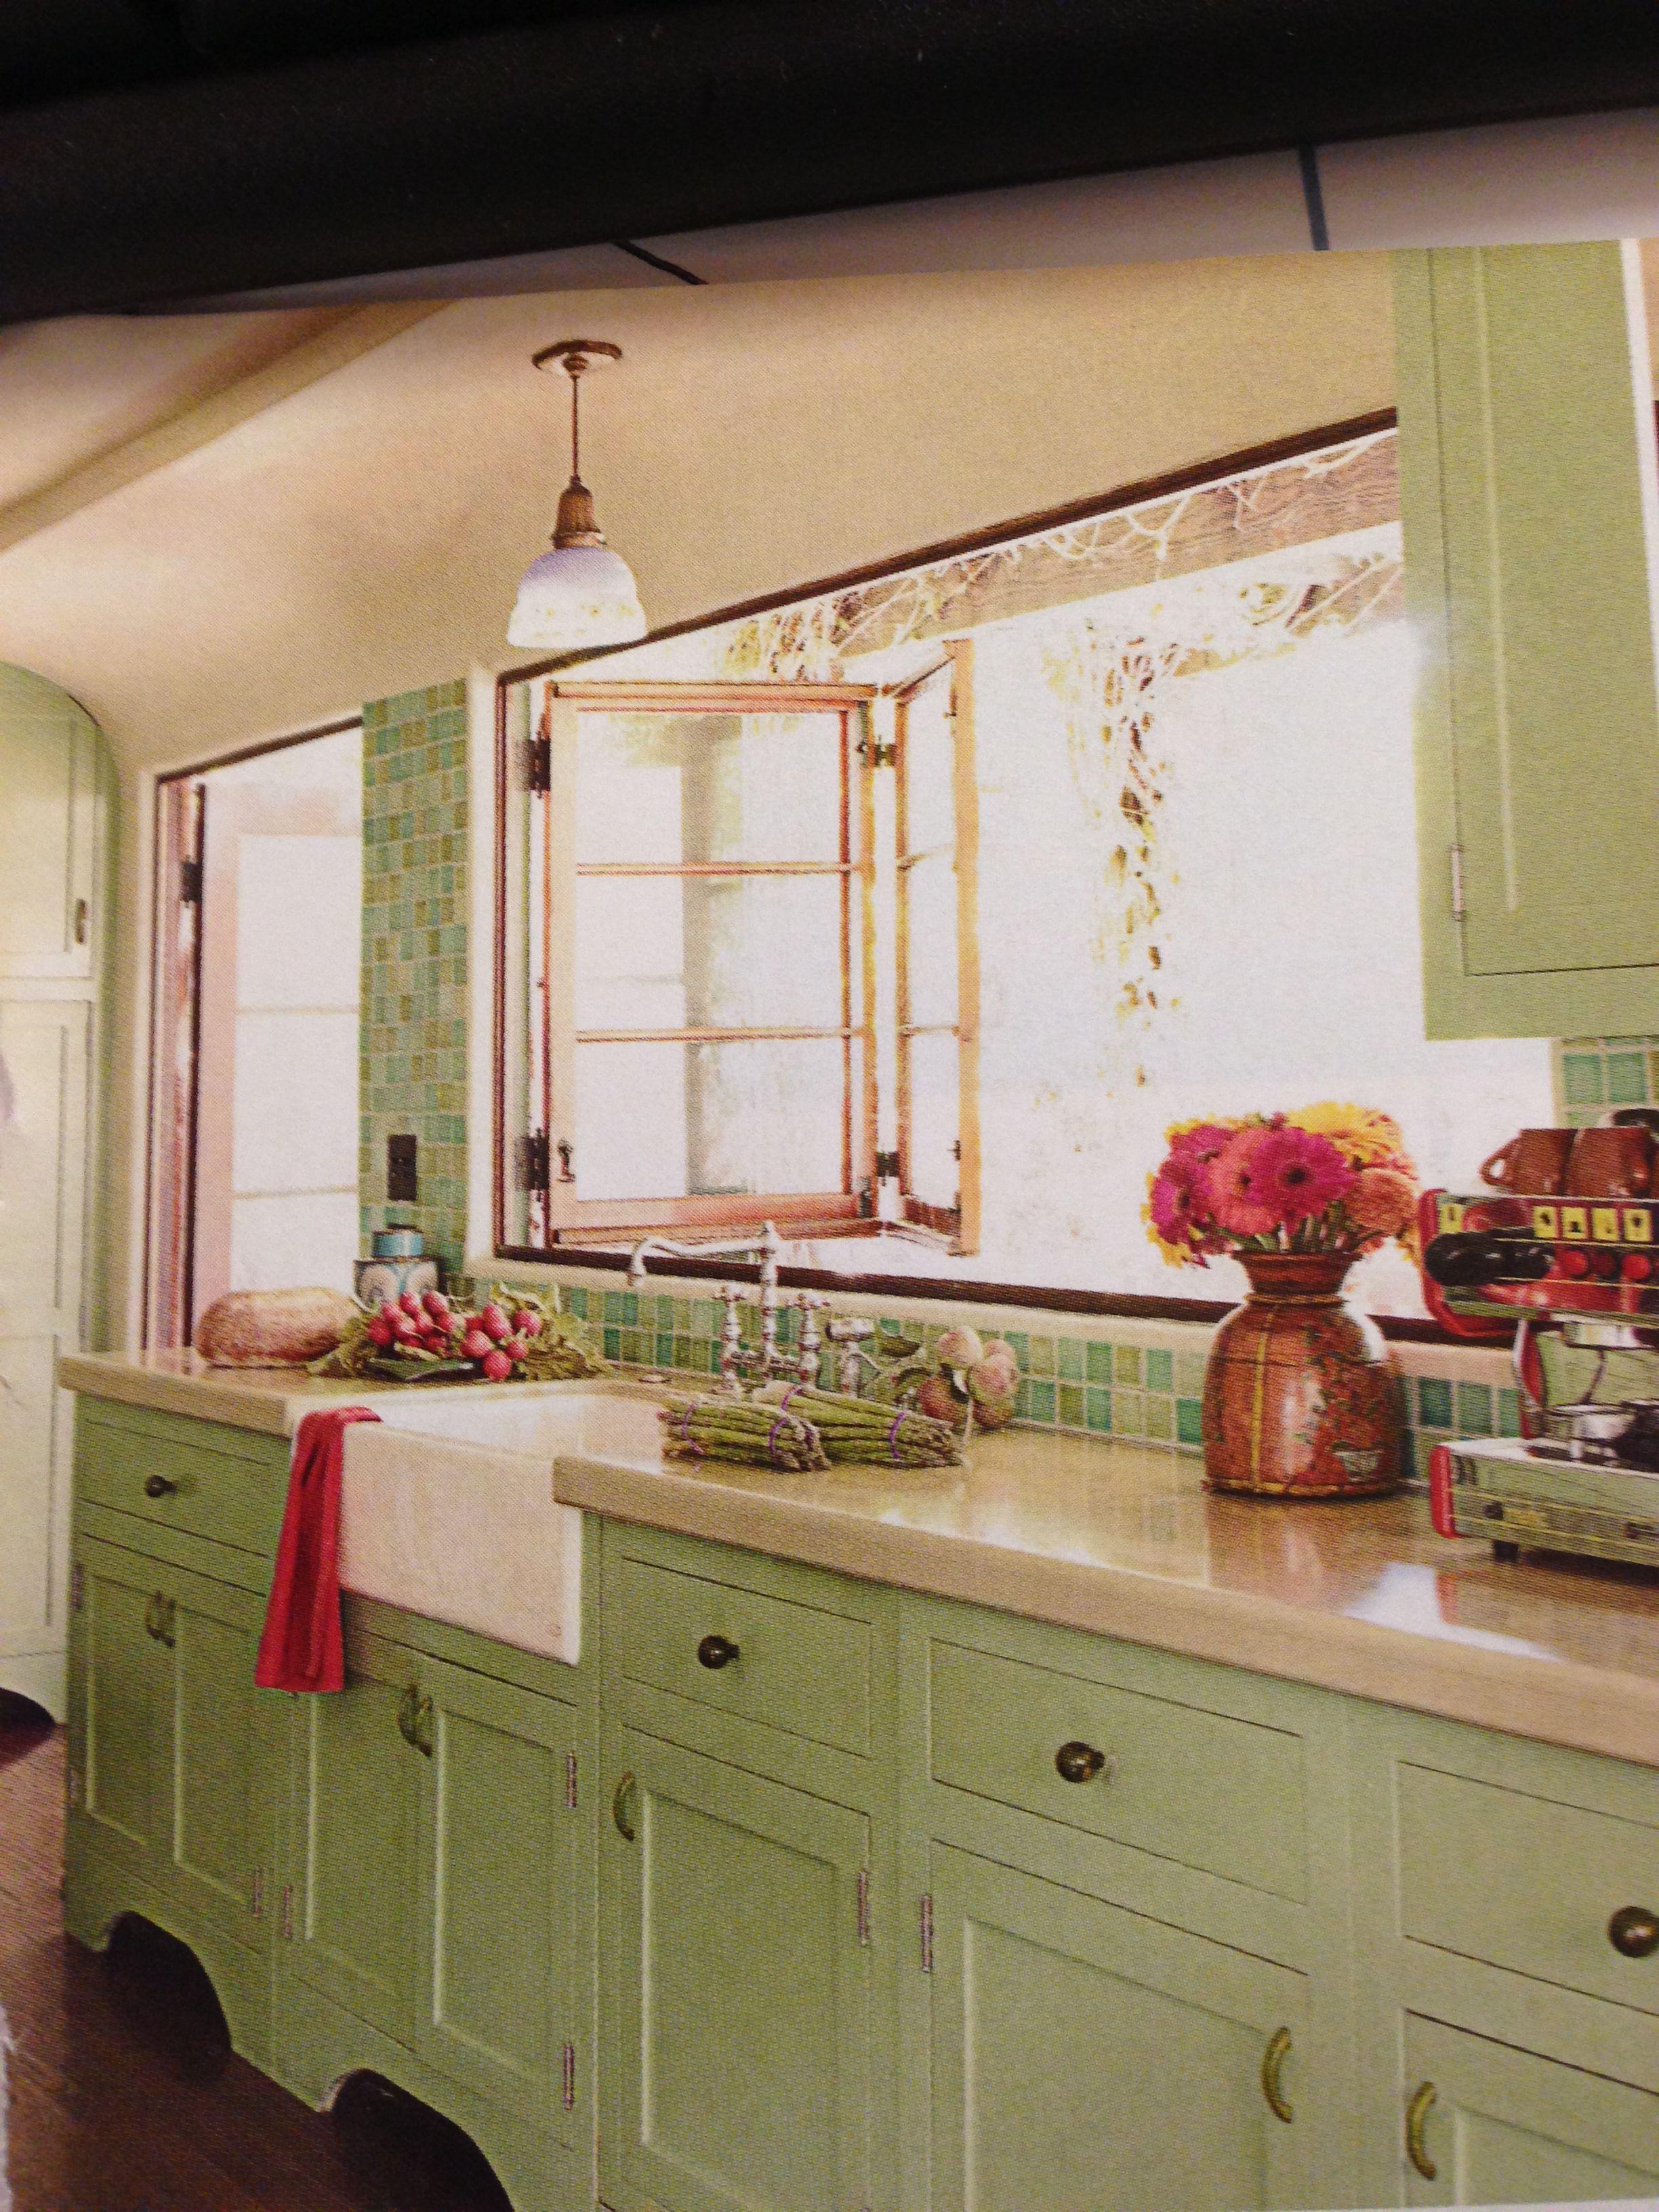 Kitchen cabinets future home pinterest kitchens green kitchen